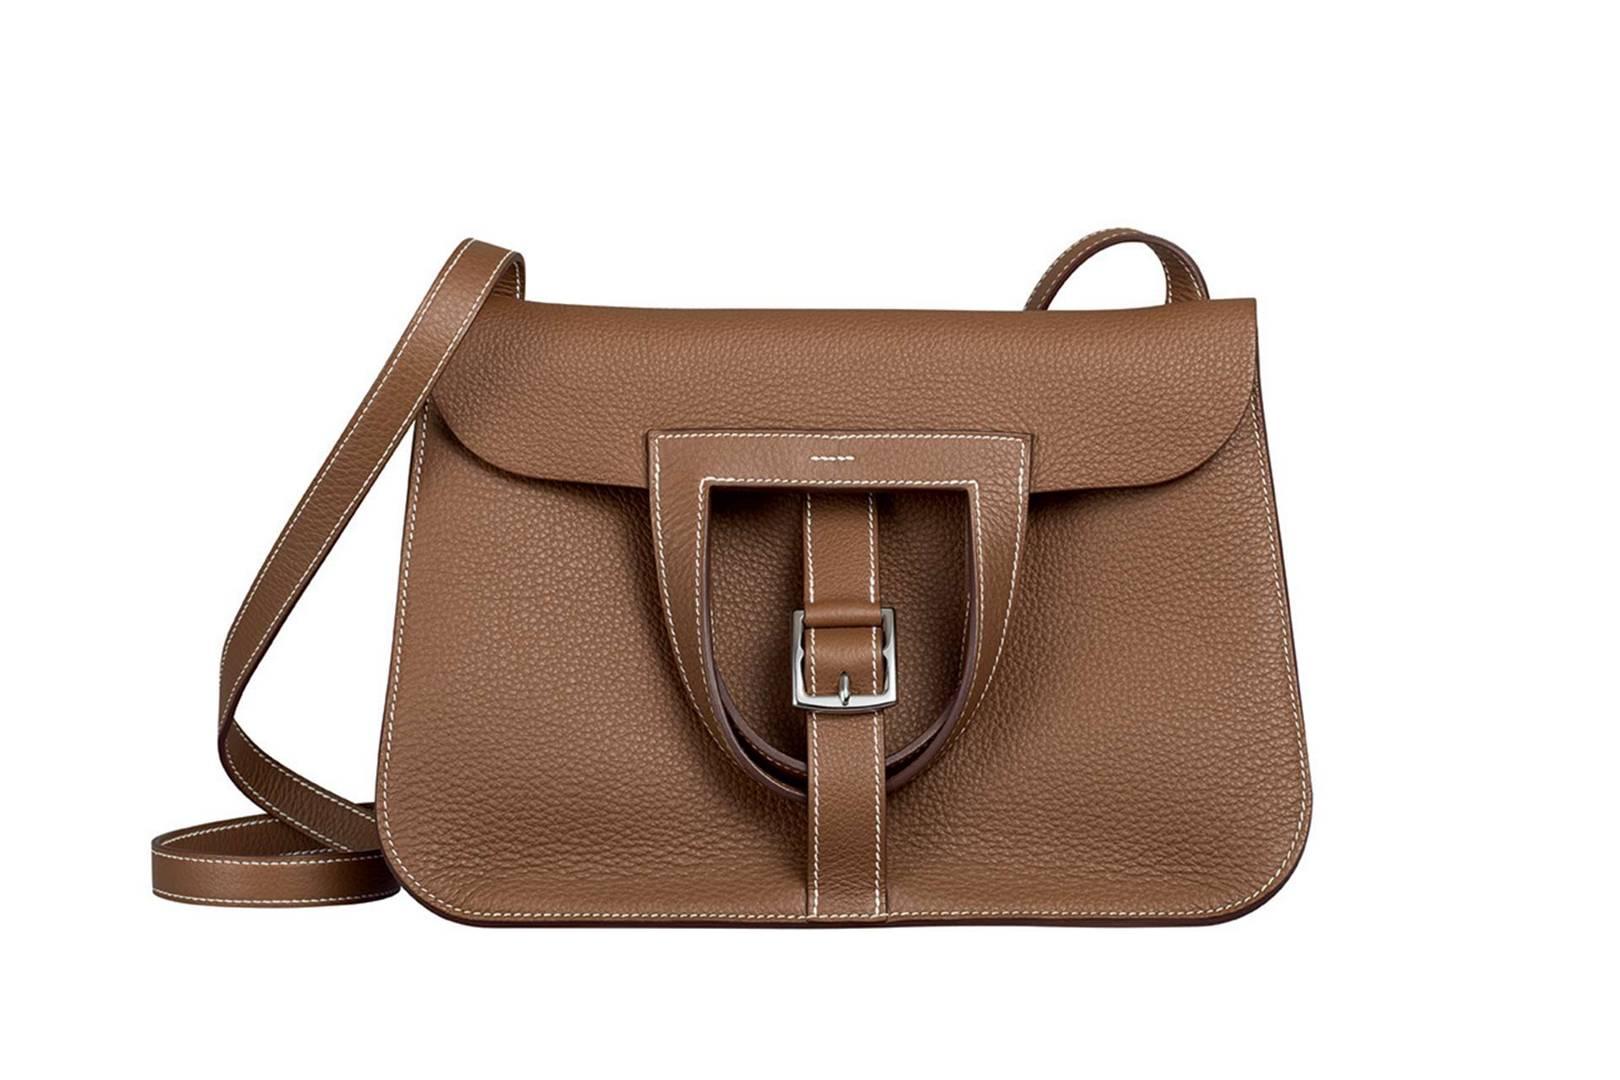 392cea1428d0 The Hermès Bag - The Most Famous Styles